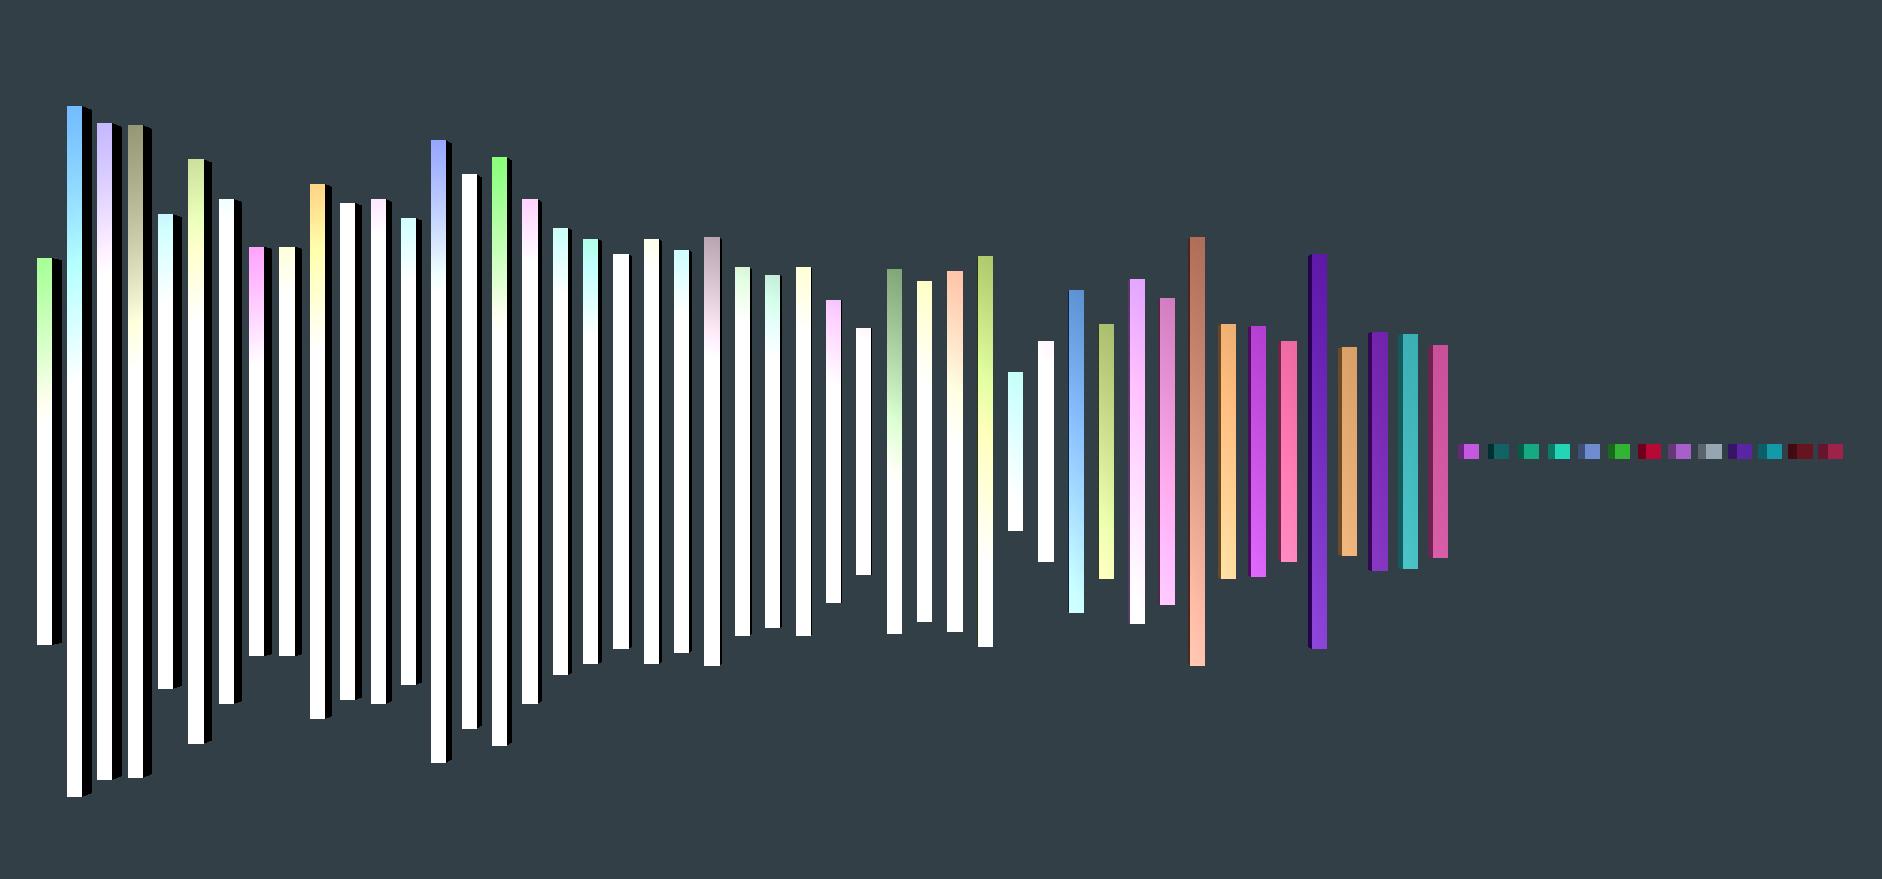 GitHub - Raathigesh/HTML5AudioVisualizer: Audio Visualizer